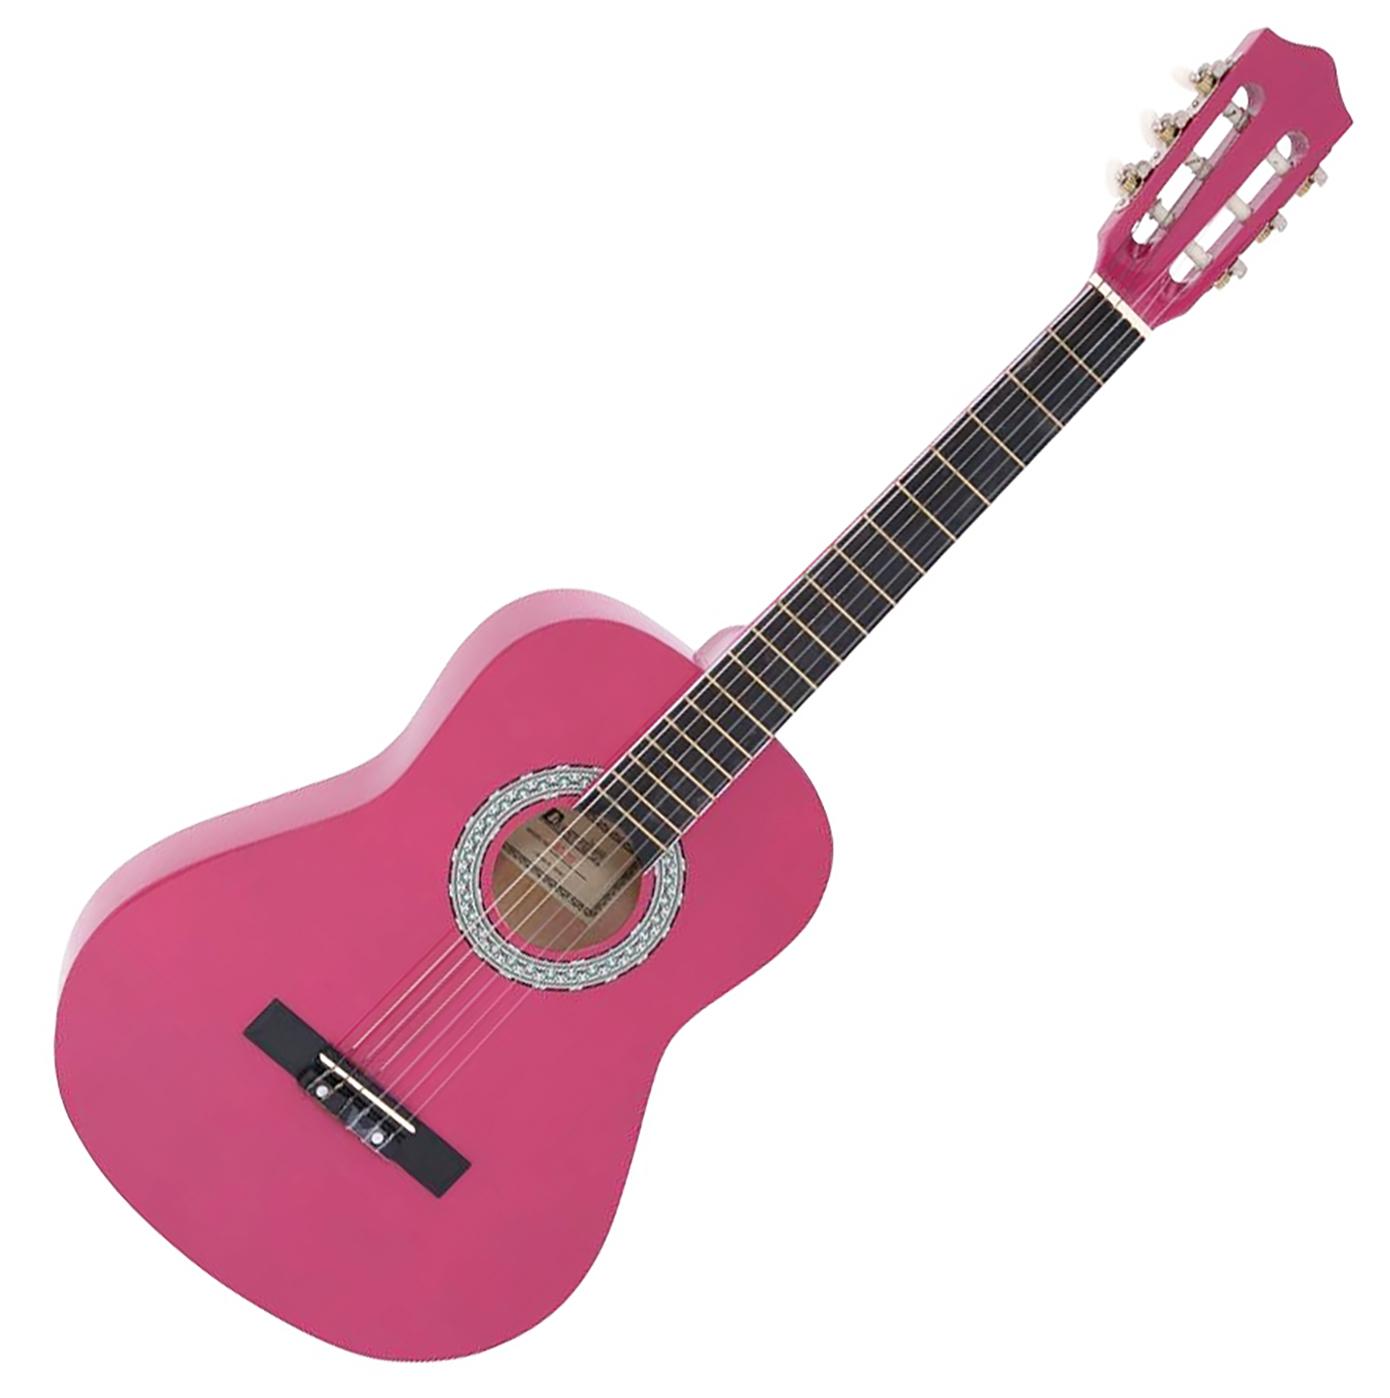 DiMavery AC-303 klassisk spansk guitar 3/4, pink